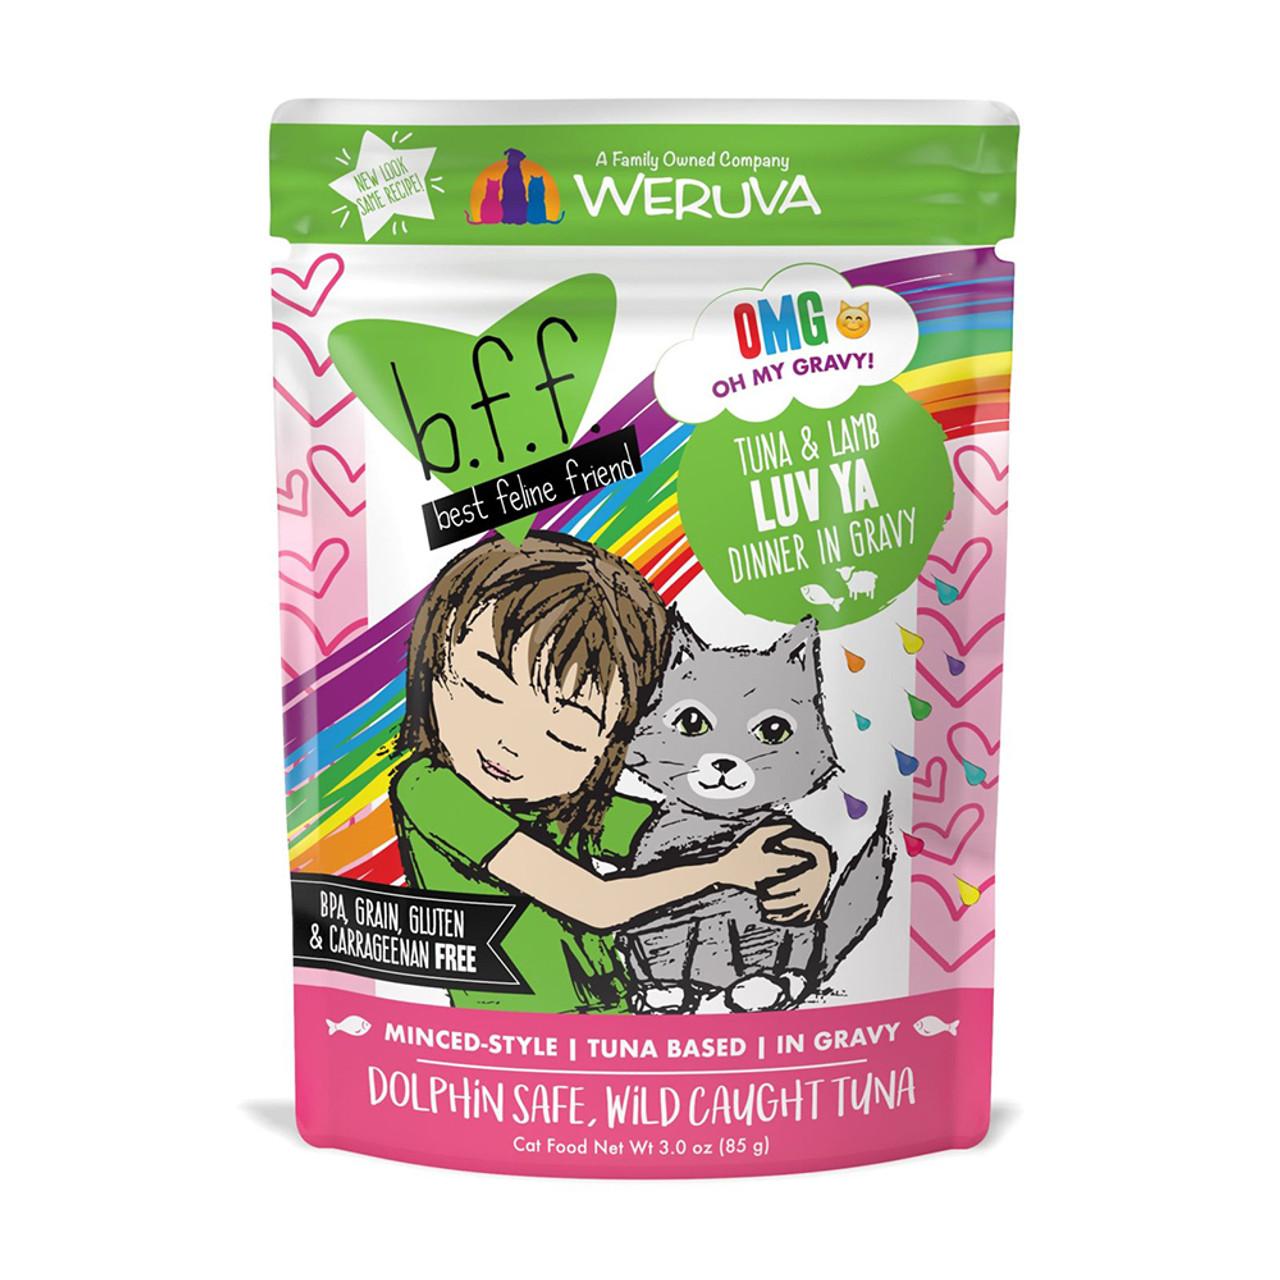 B.F.F. Tuna & Lamb Luv Ya Recipe in Gravy Cat Food Pouch